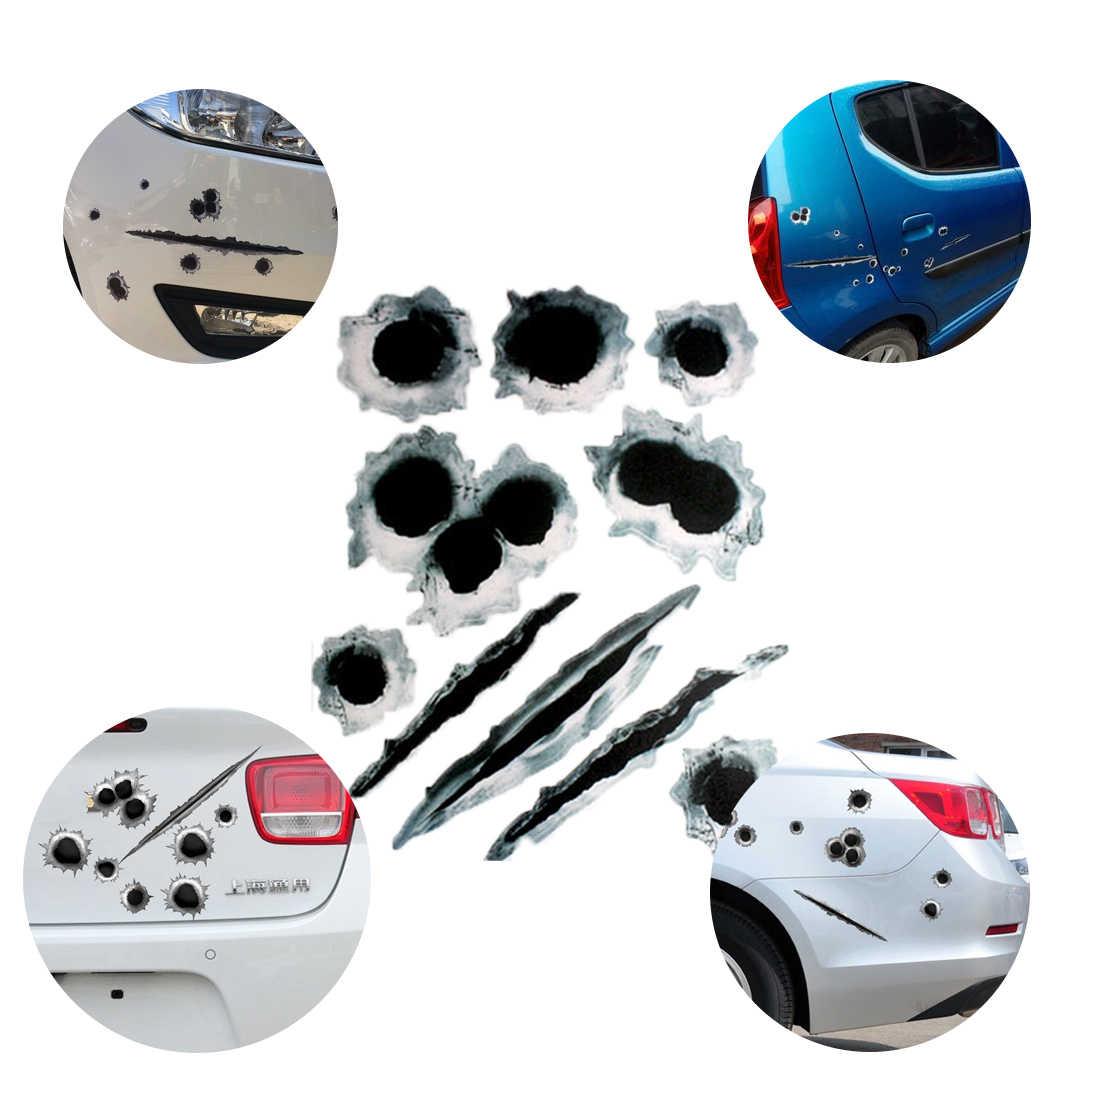 Dewtreetali 3D 偽弾痕銃ショットおかしい車のヘルメットのステッカーデカールシンボルクリエイティブパーソナライズステッカー